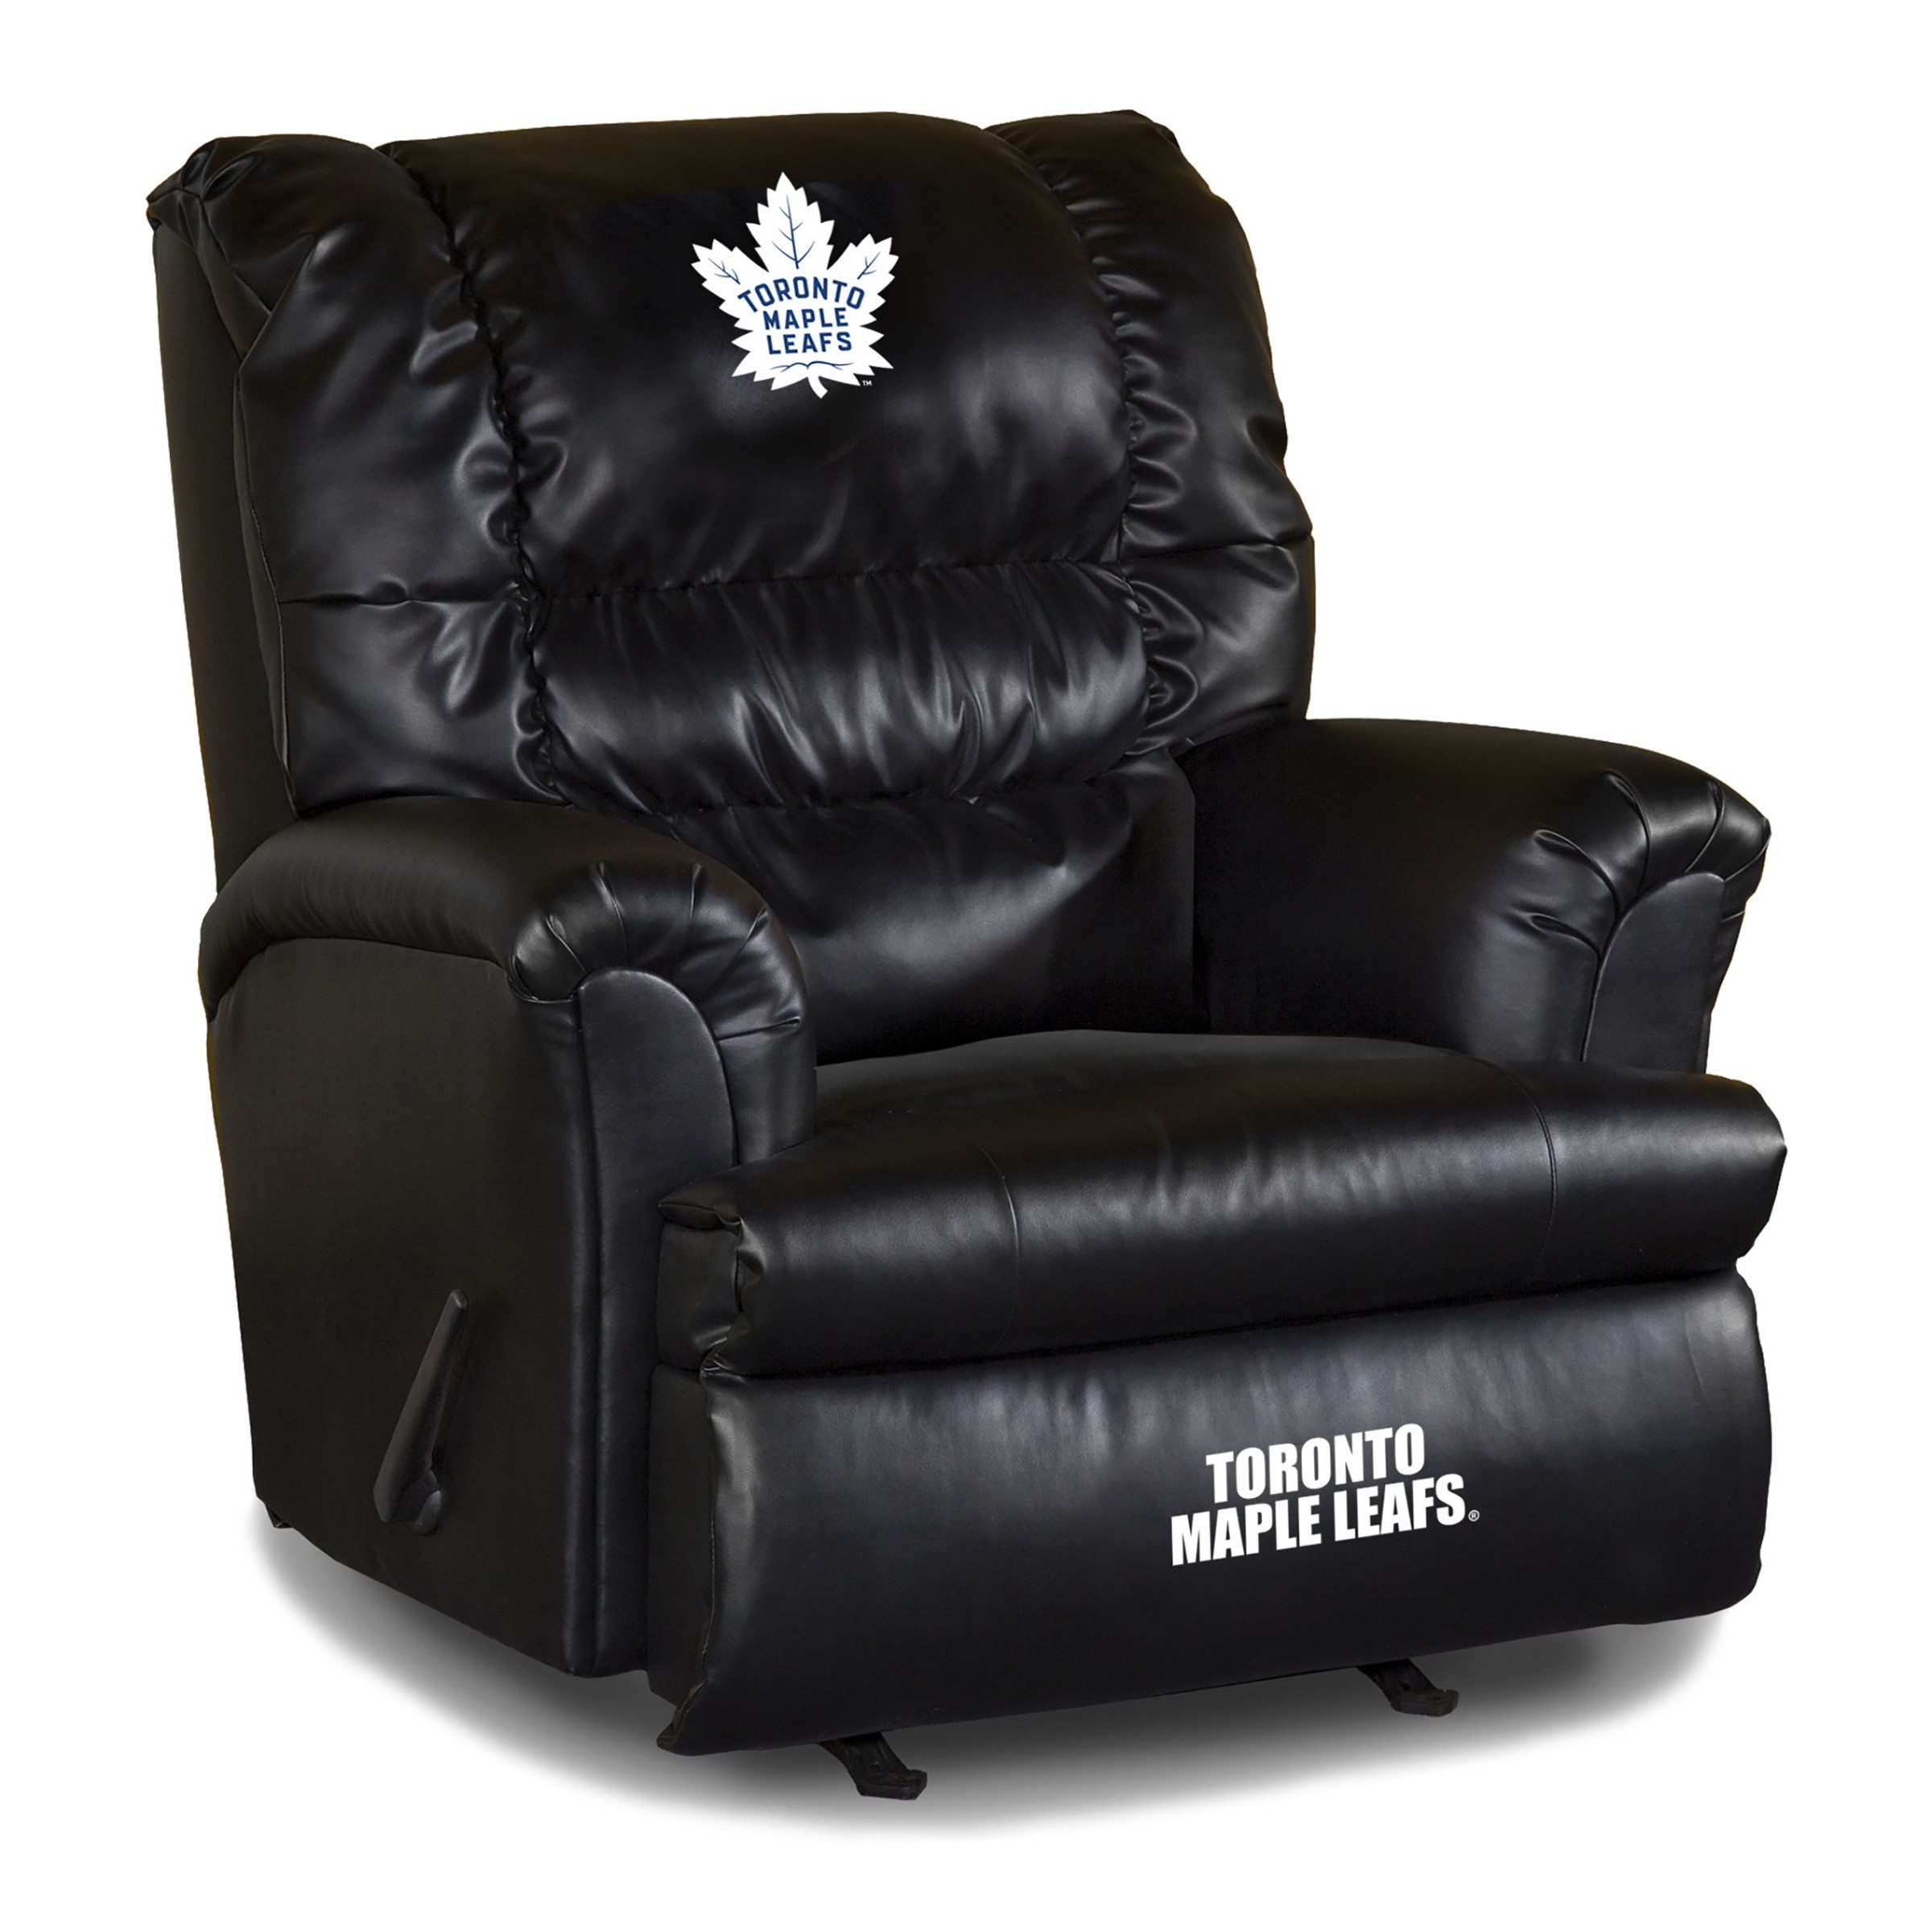 Fauteuil en cuir Toronto Maple Leafs®